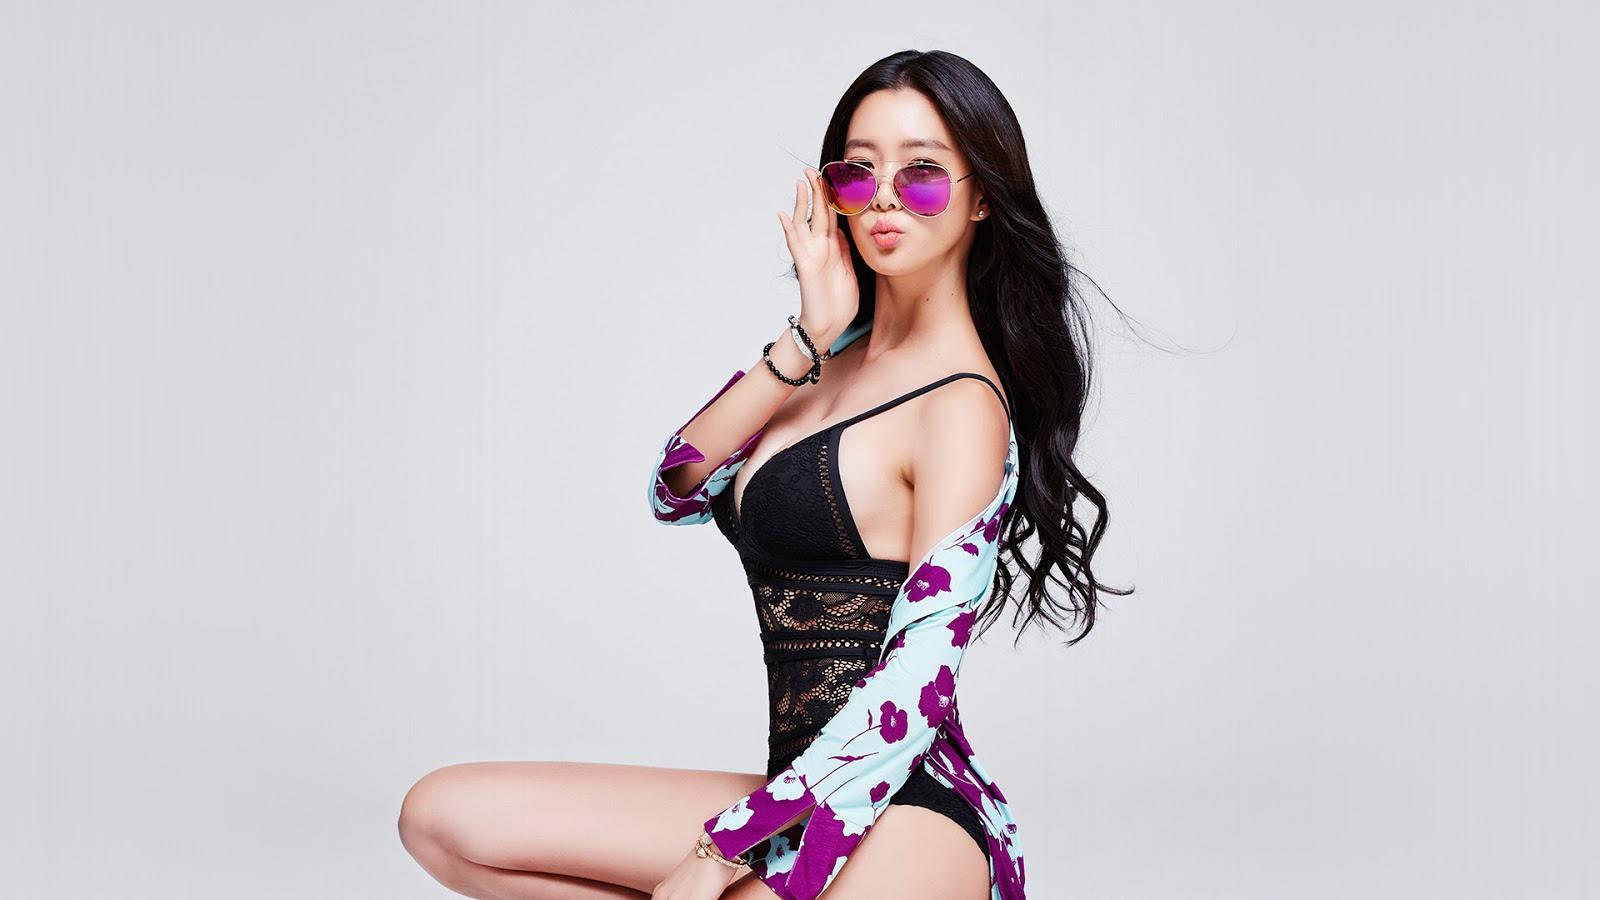 K-pop Asian Babe Hot Wallpaper